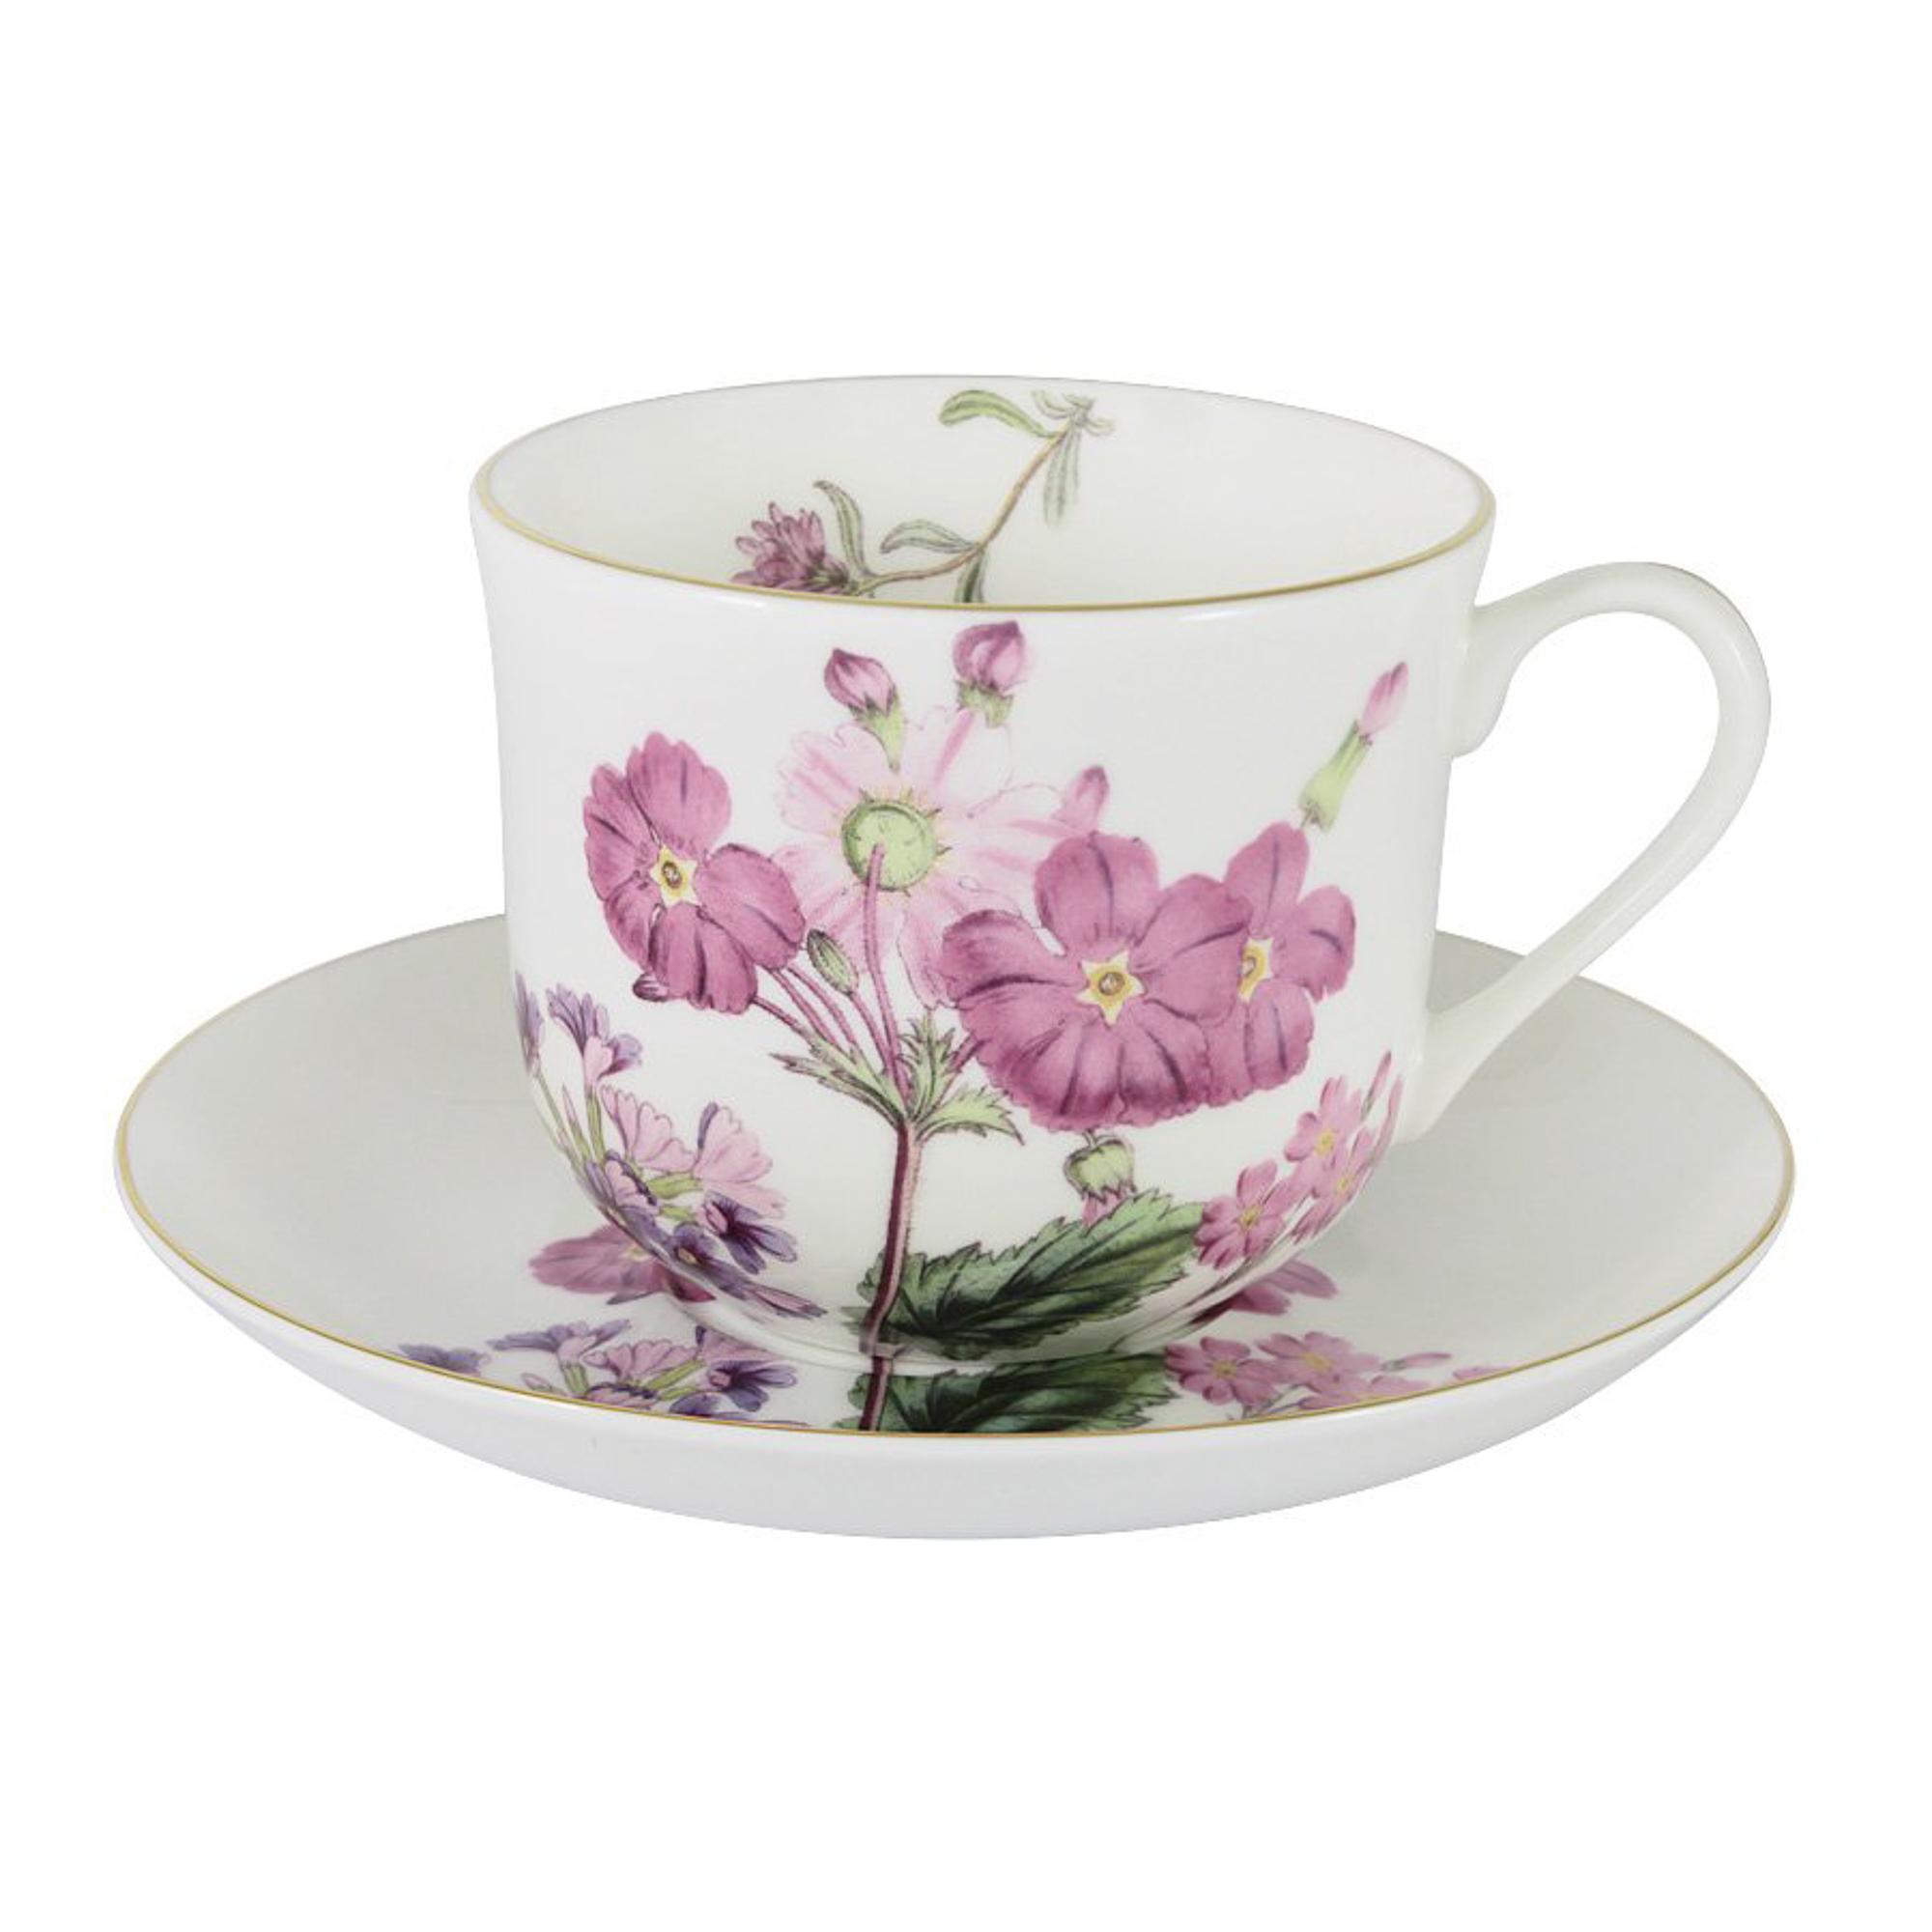 Купить Чашка с блюдцем 0, 45л роз, цветы лаура Annalafarg, Китай, тончайший фарфор костяной